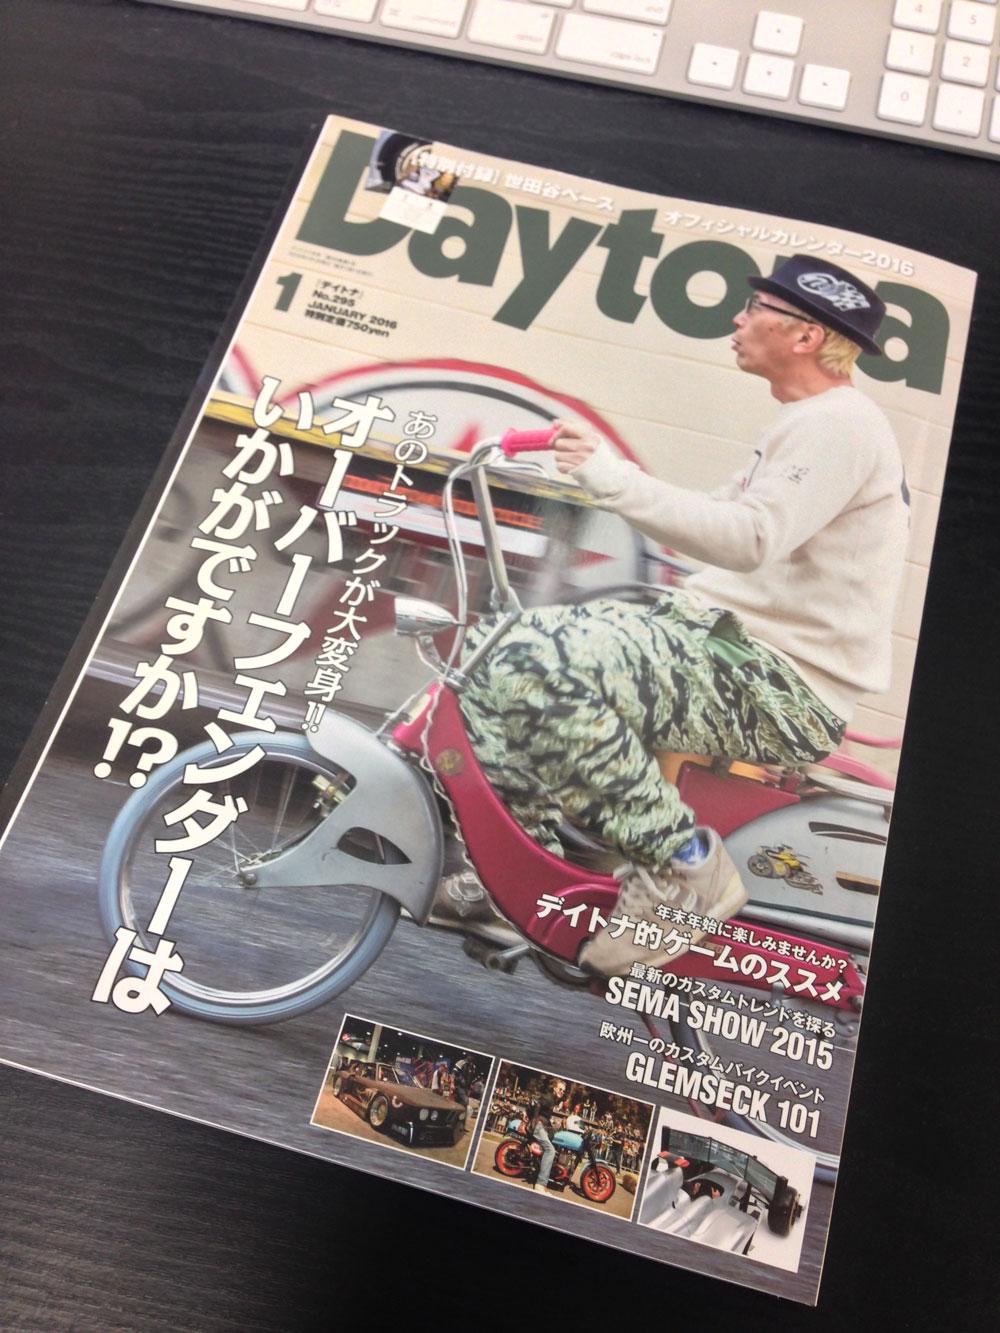 2015_12_04_Daytona1